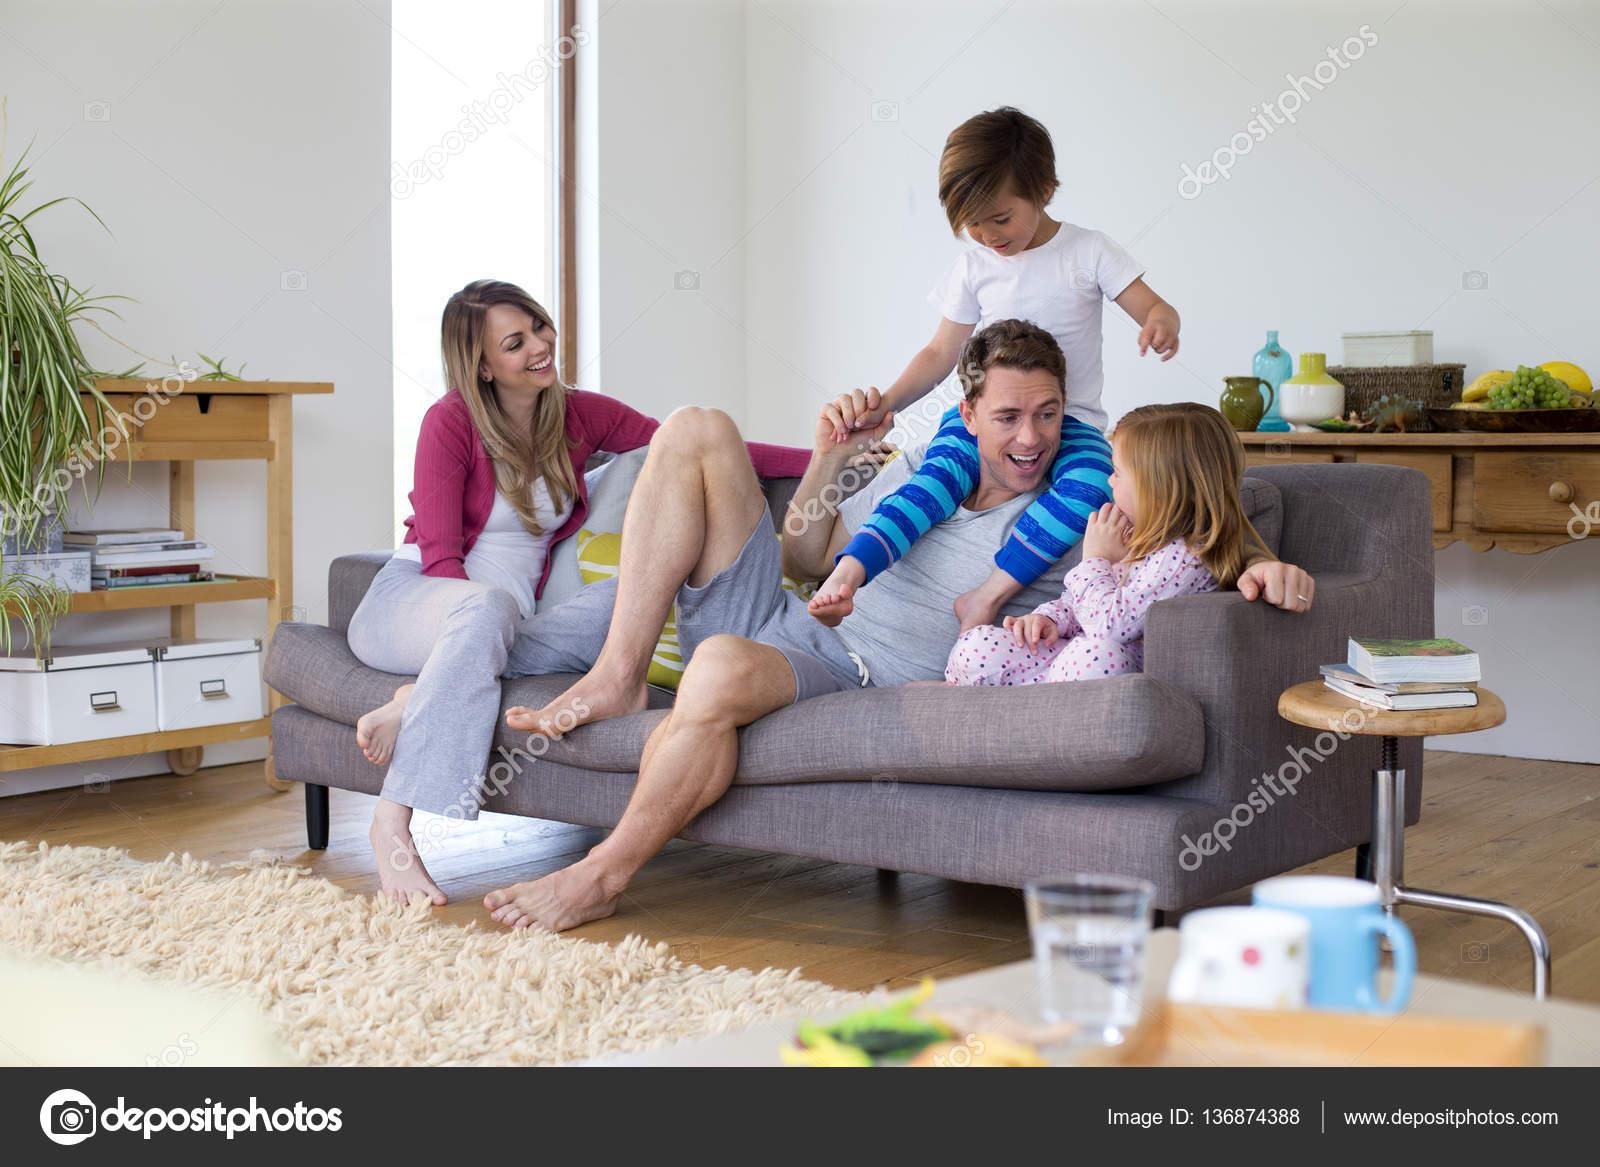 Klettergerüst Wohnzimmer : Papa macht die besten klettergerüst u2014 stockfoto © dglimages #136874388